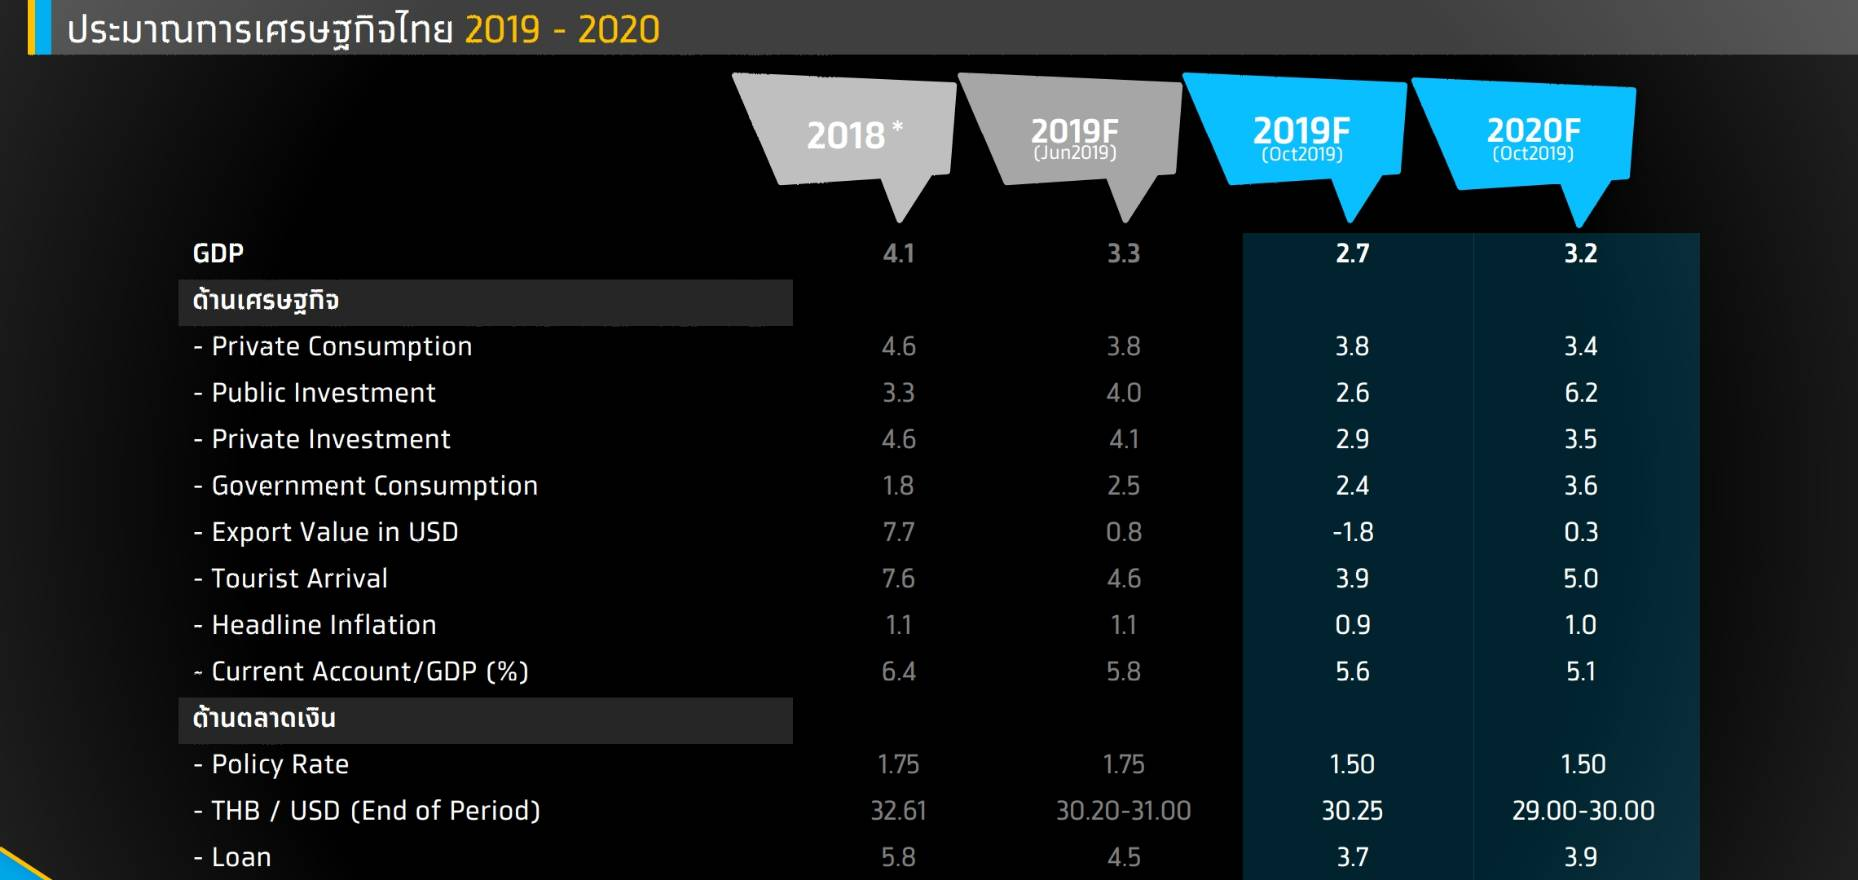 กรุงไทยเก็งจีดีพีปี 63 โต3.2%หวังมาตรการ-ลงทุนรัฐหนุน